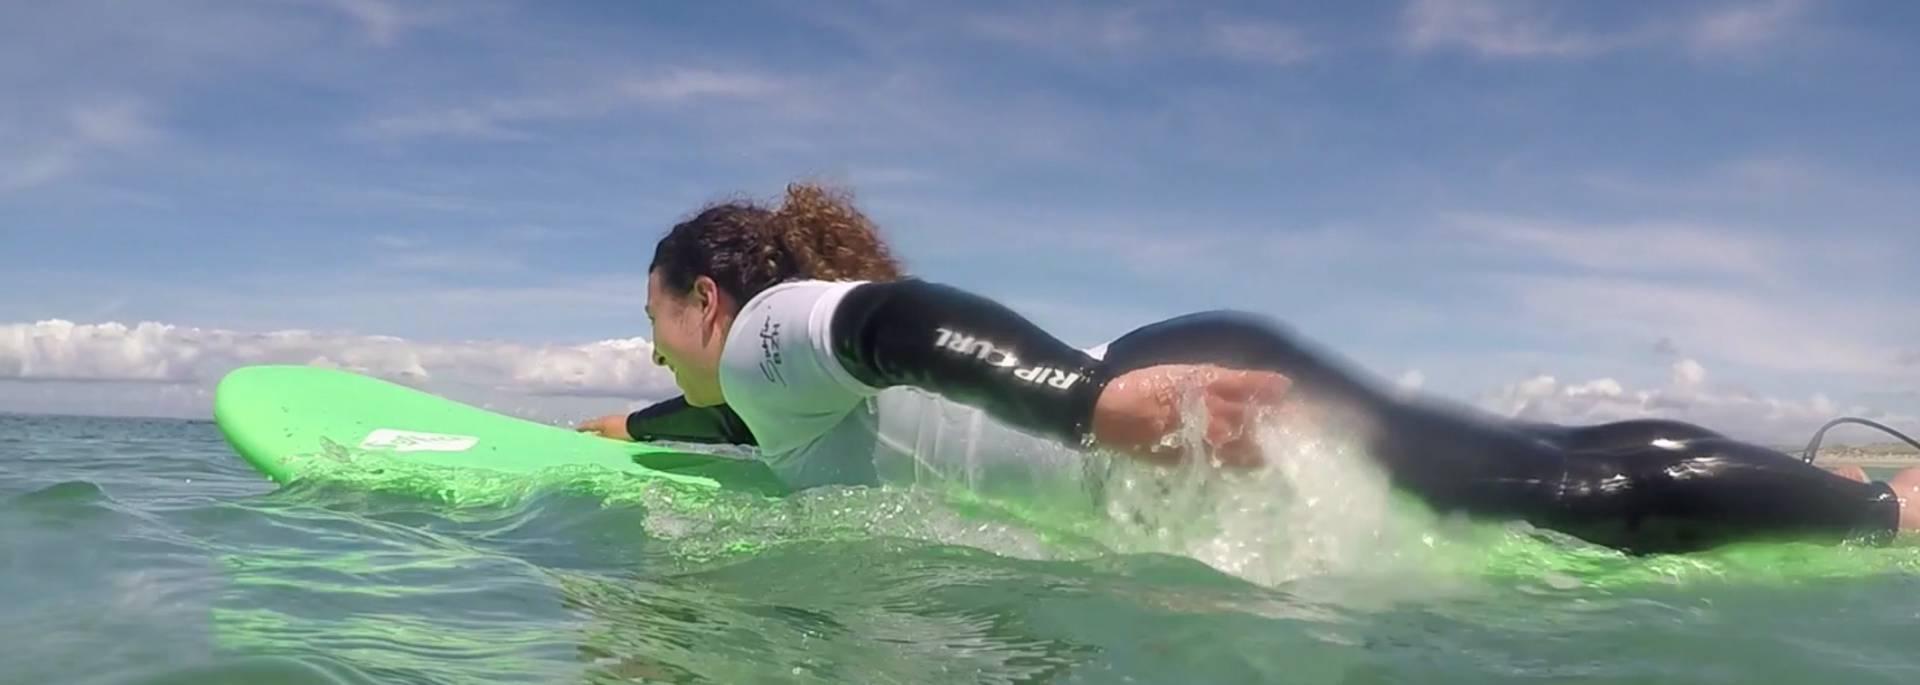 Mein erster Surfkurs im Pays Bigouden - die ersten Wellen © T Hourmand